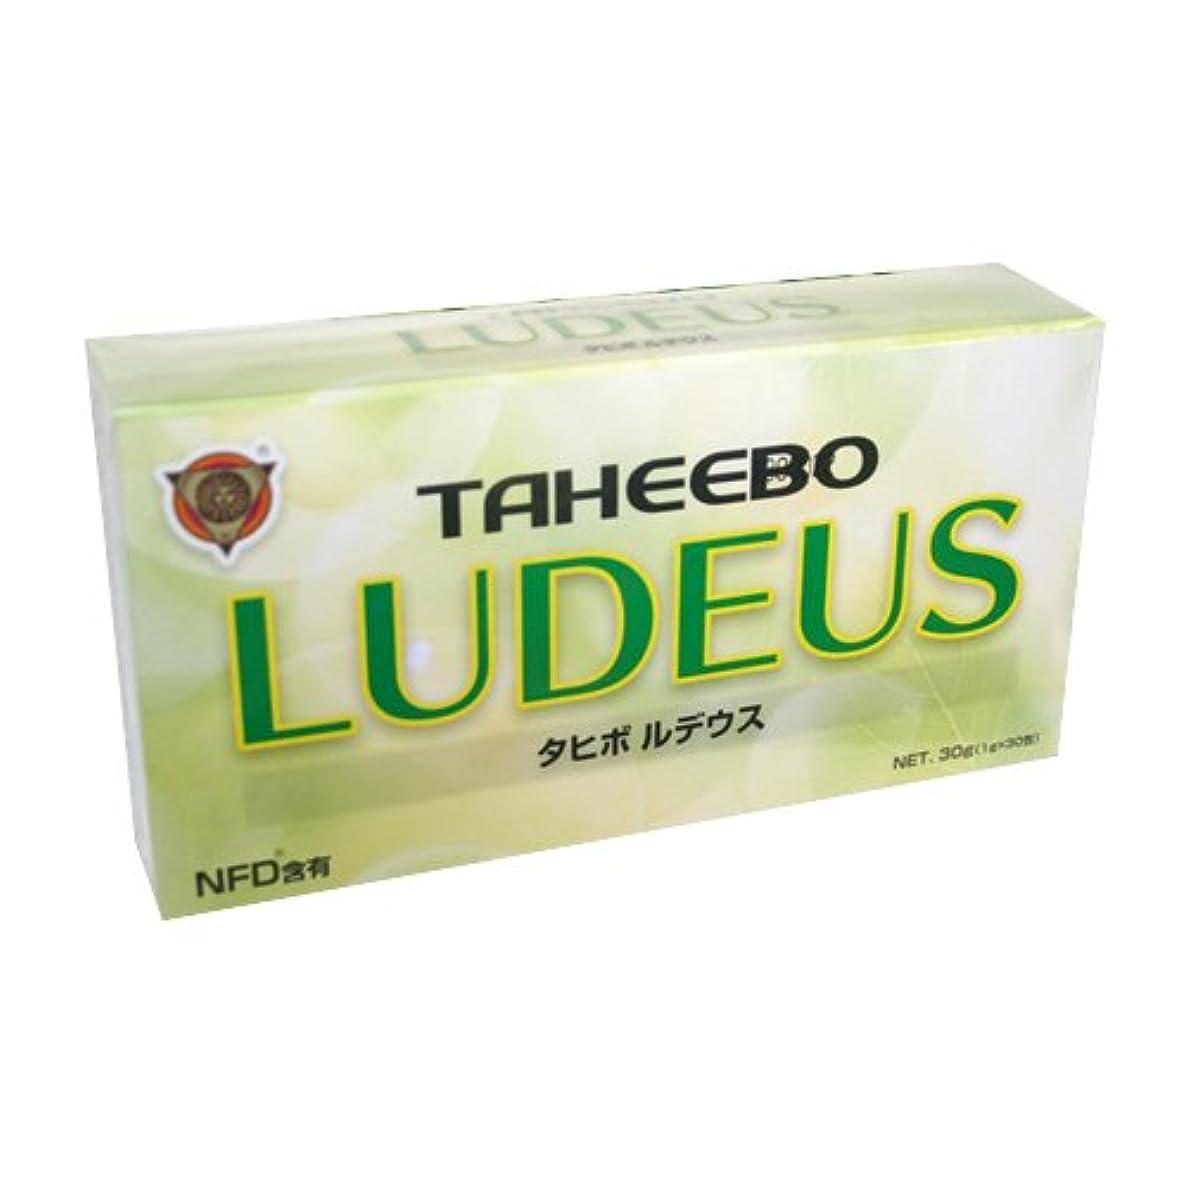 タヒボNFD タヒボルデウス 30g(1g×30包)